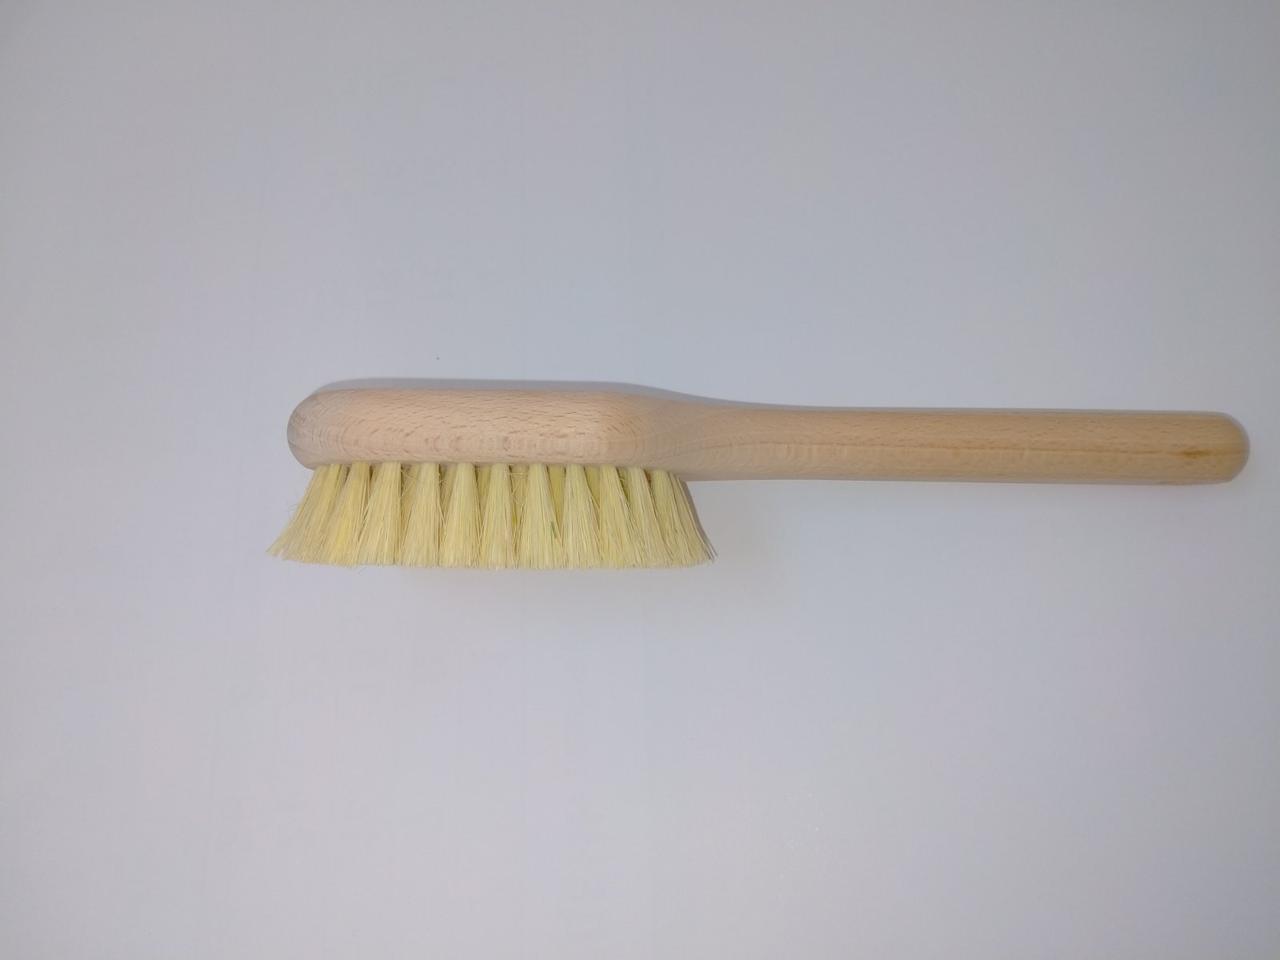 Щетка для сухого массажа щетина тампико (кактусовое волокно) дерево бук